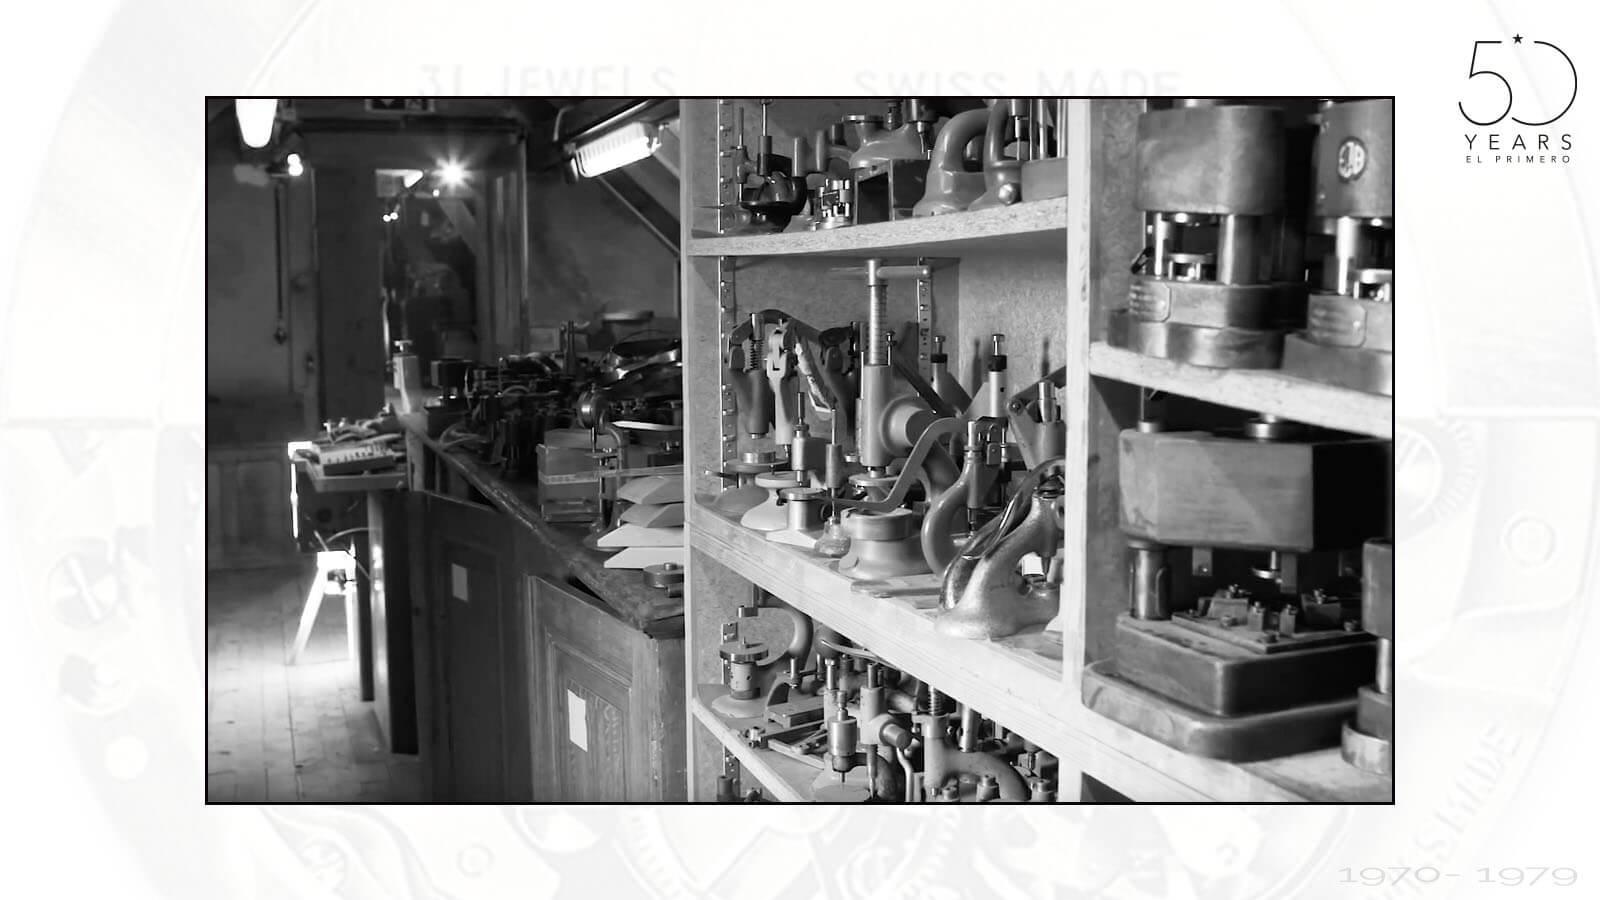 Werkzeuge und Teile zur Herstellung des El Primero